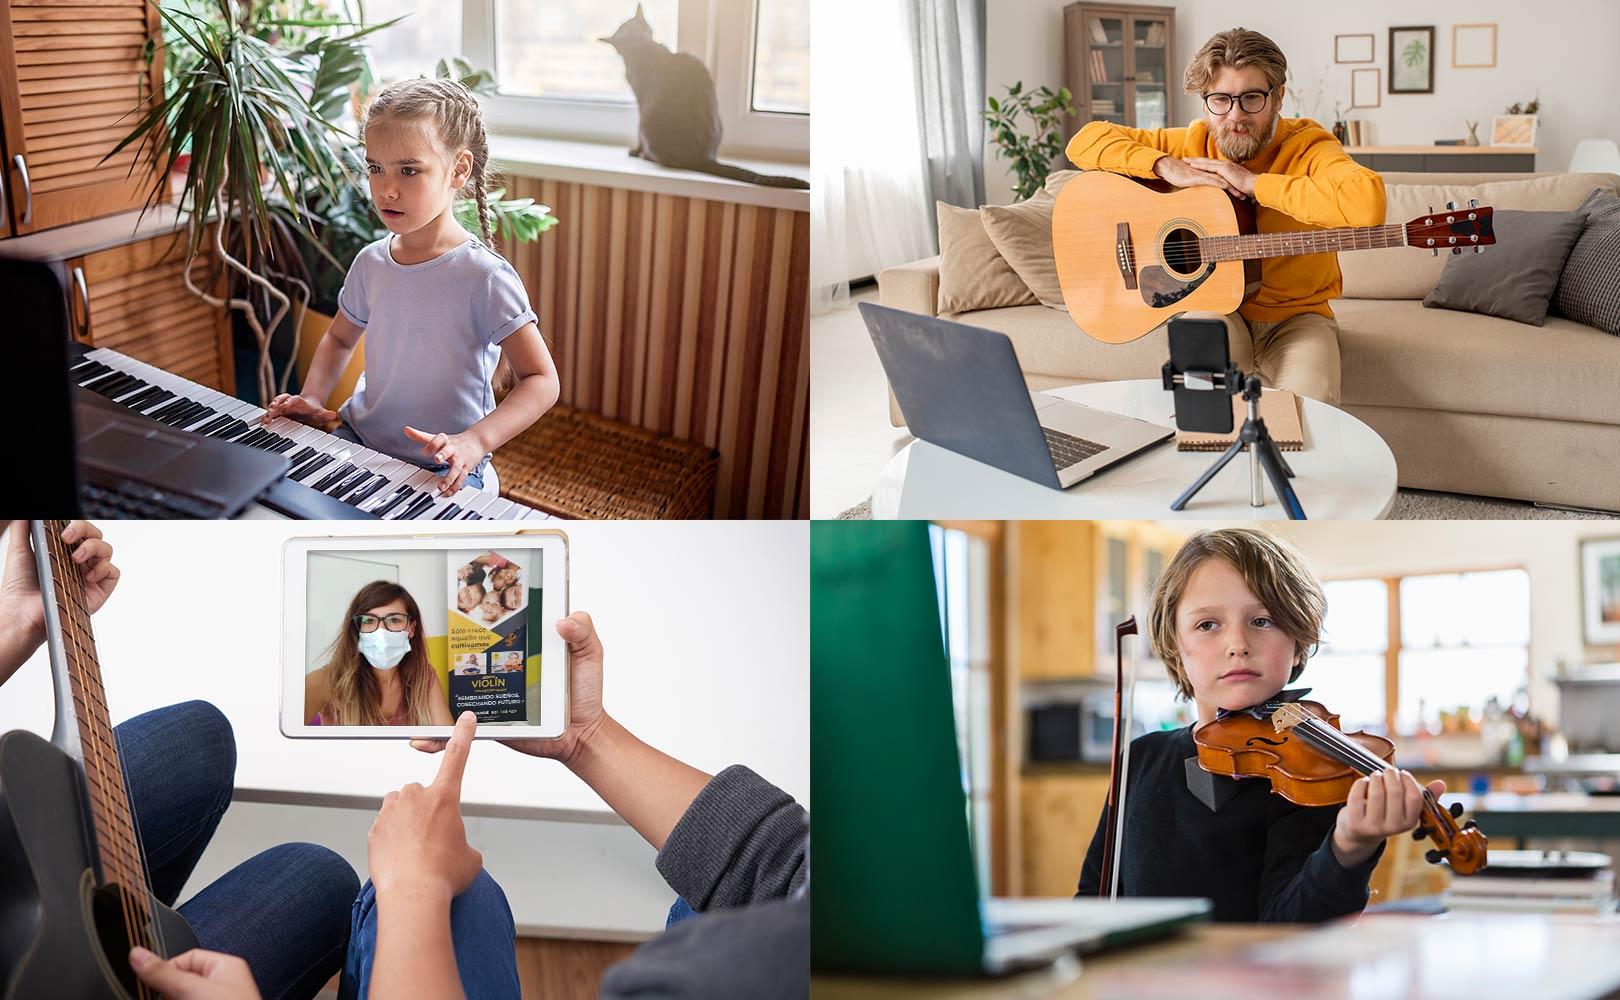 7 notas escuela de musica clases online